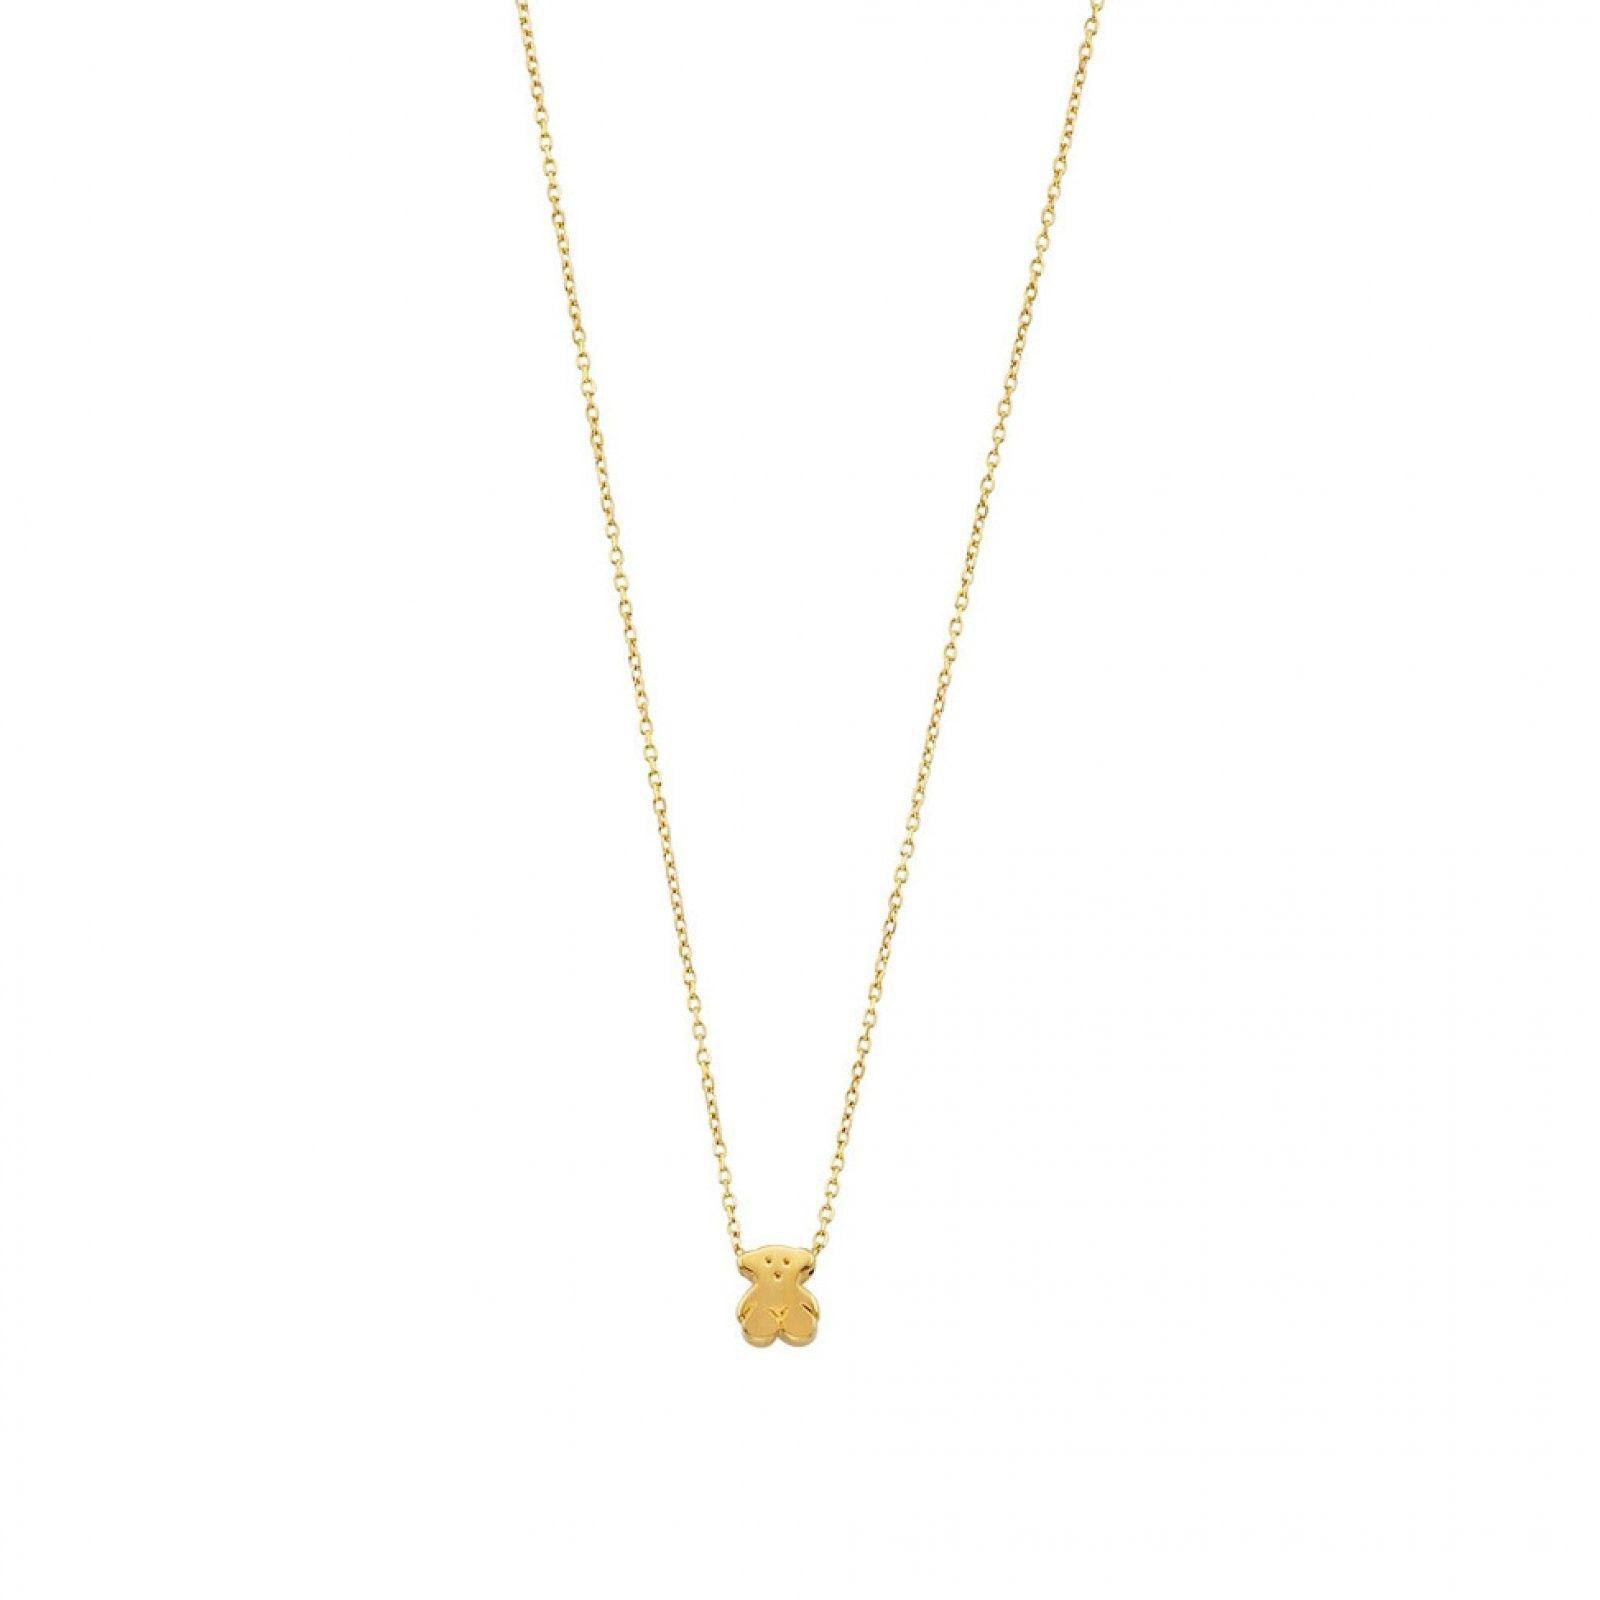 5cf2f3061d2a Dije Super Micro de Oro - Tous | Outfit | Cadenitas de oro, Collares ...